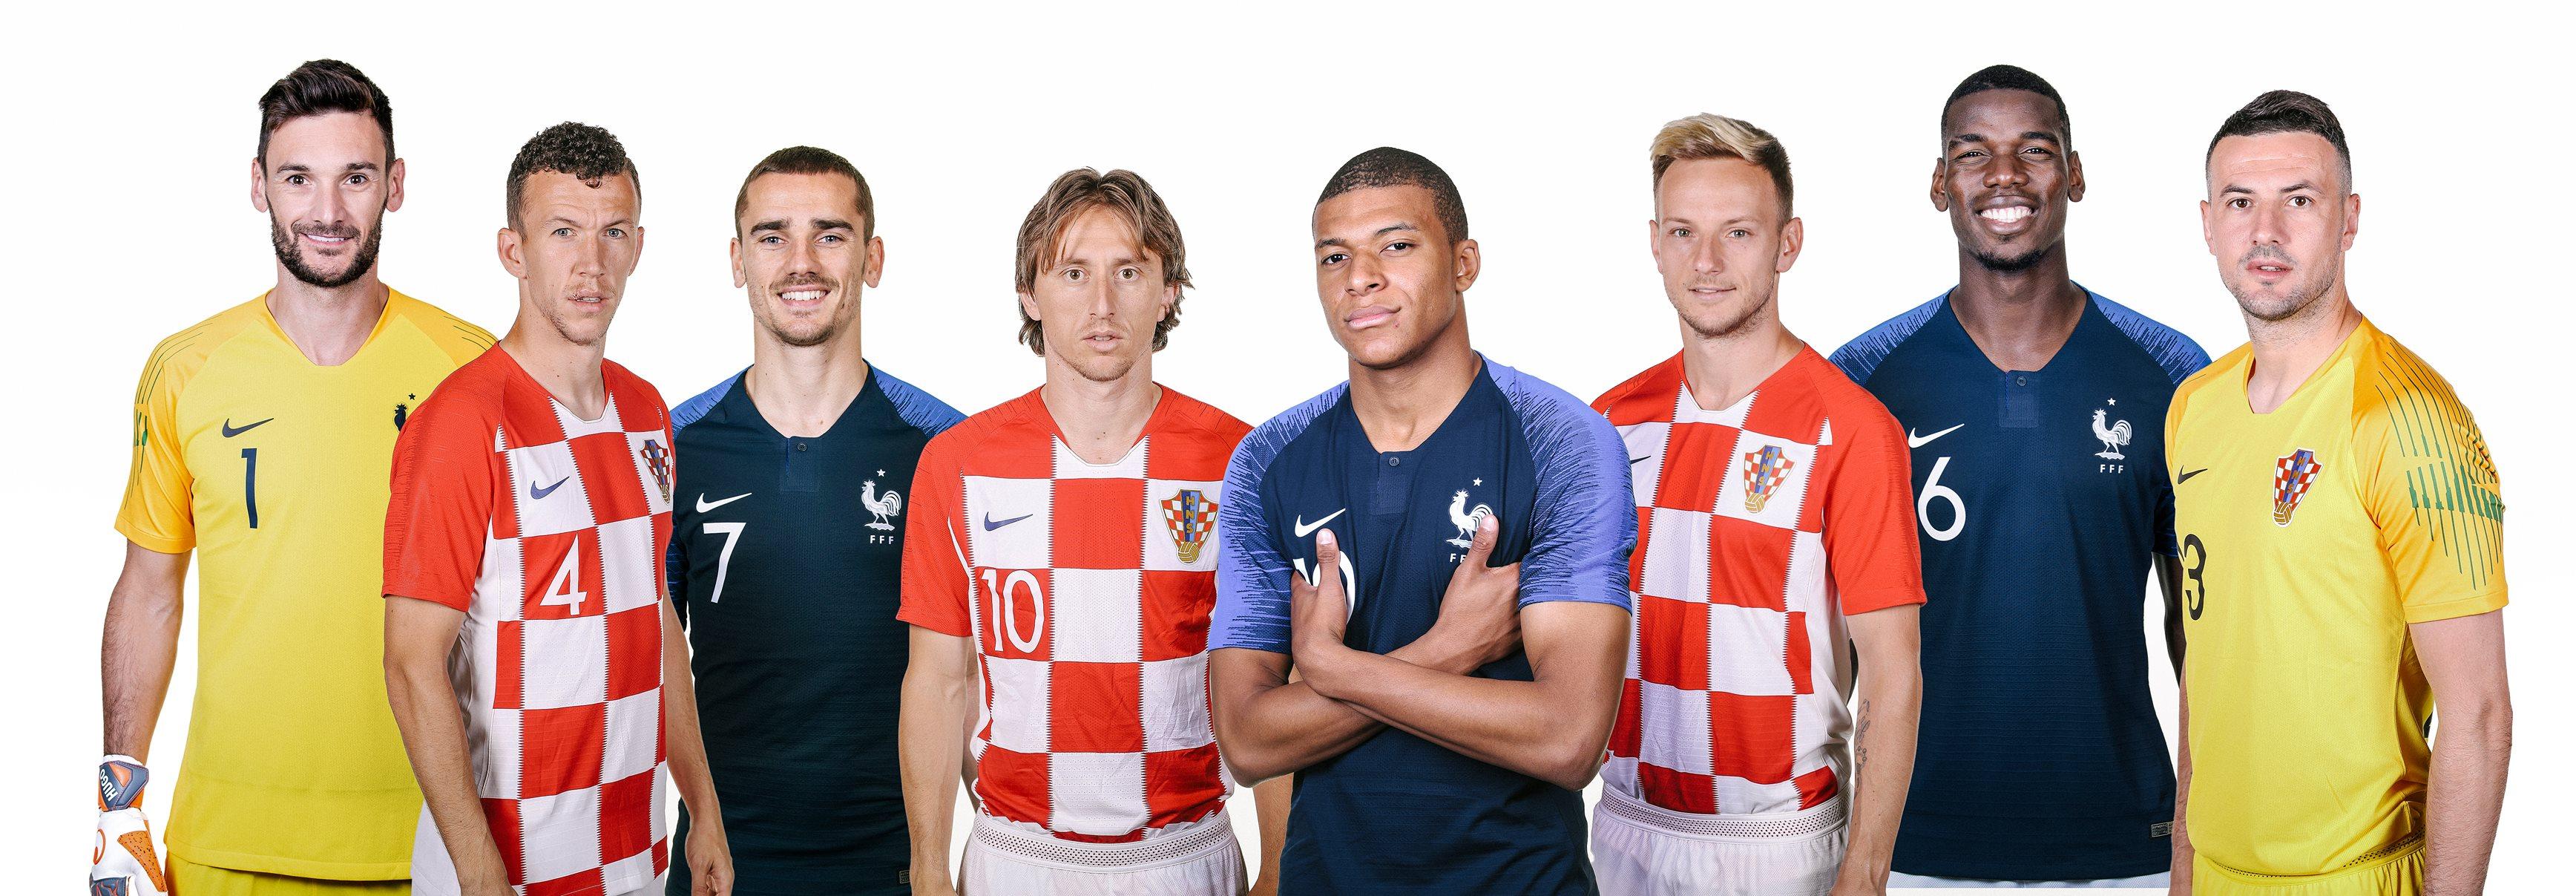 Un match décisif pour cette Coupe du Monde 2018